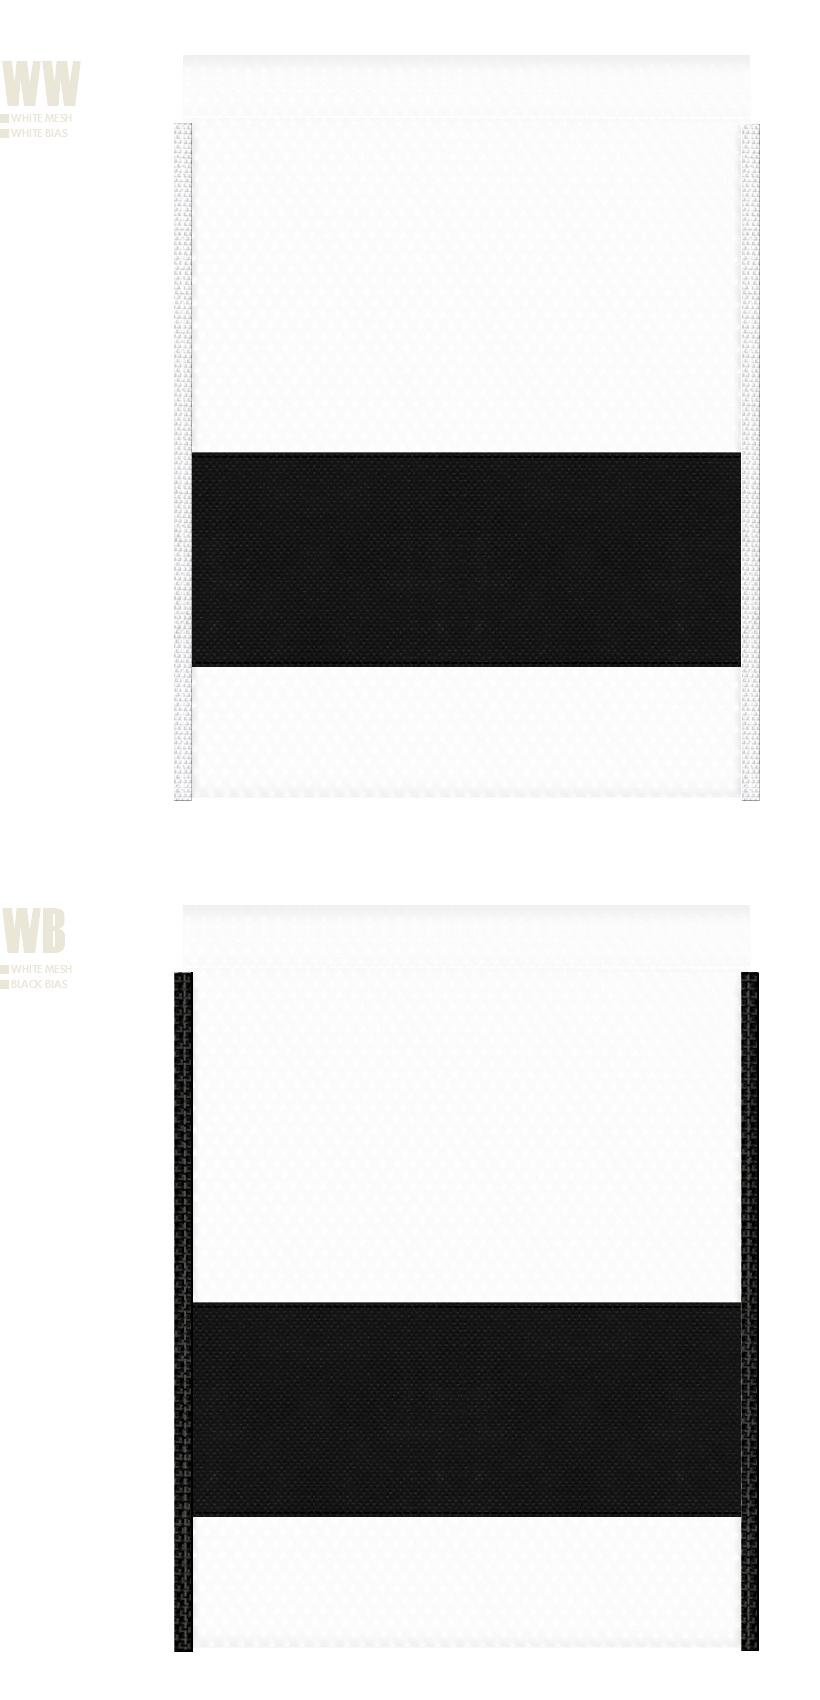 白色メッシュと黒色不織布のメッシュバッグカラーシミュレーション:キャンプ用品・アウトドア用品・スポーツ用品・シューズバッグ・コスメの販促ノベルティにお奨め